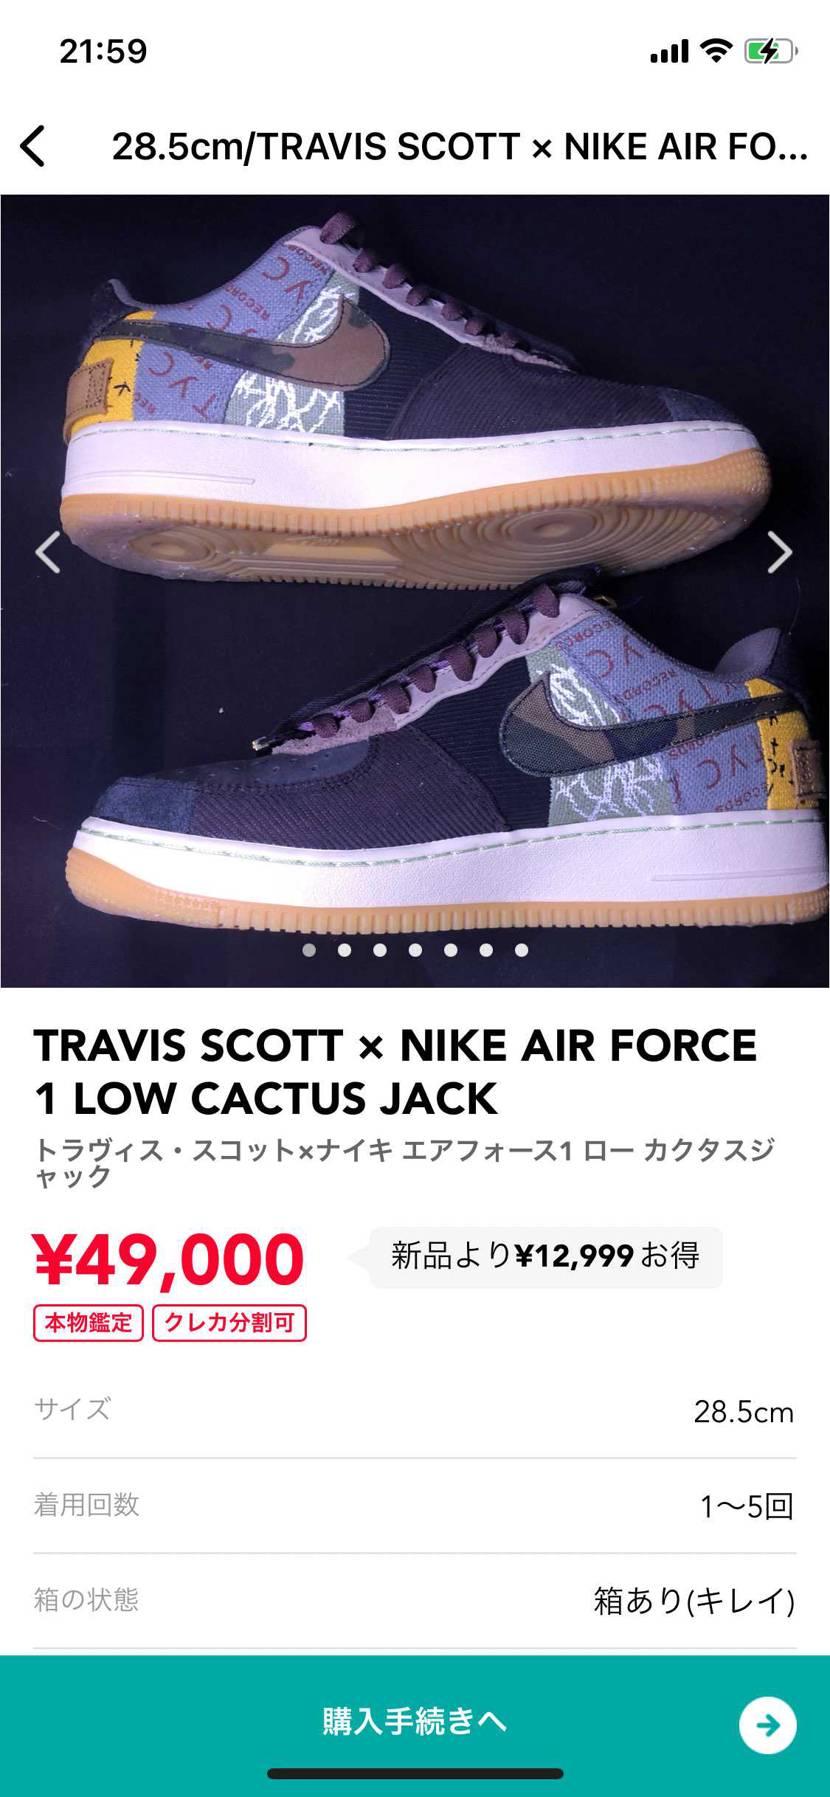 #travis scott  こちらの商品を出品の方、45000円か4600